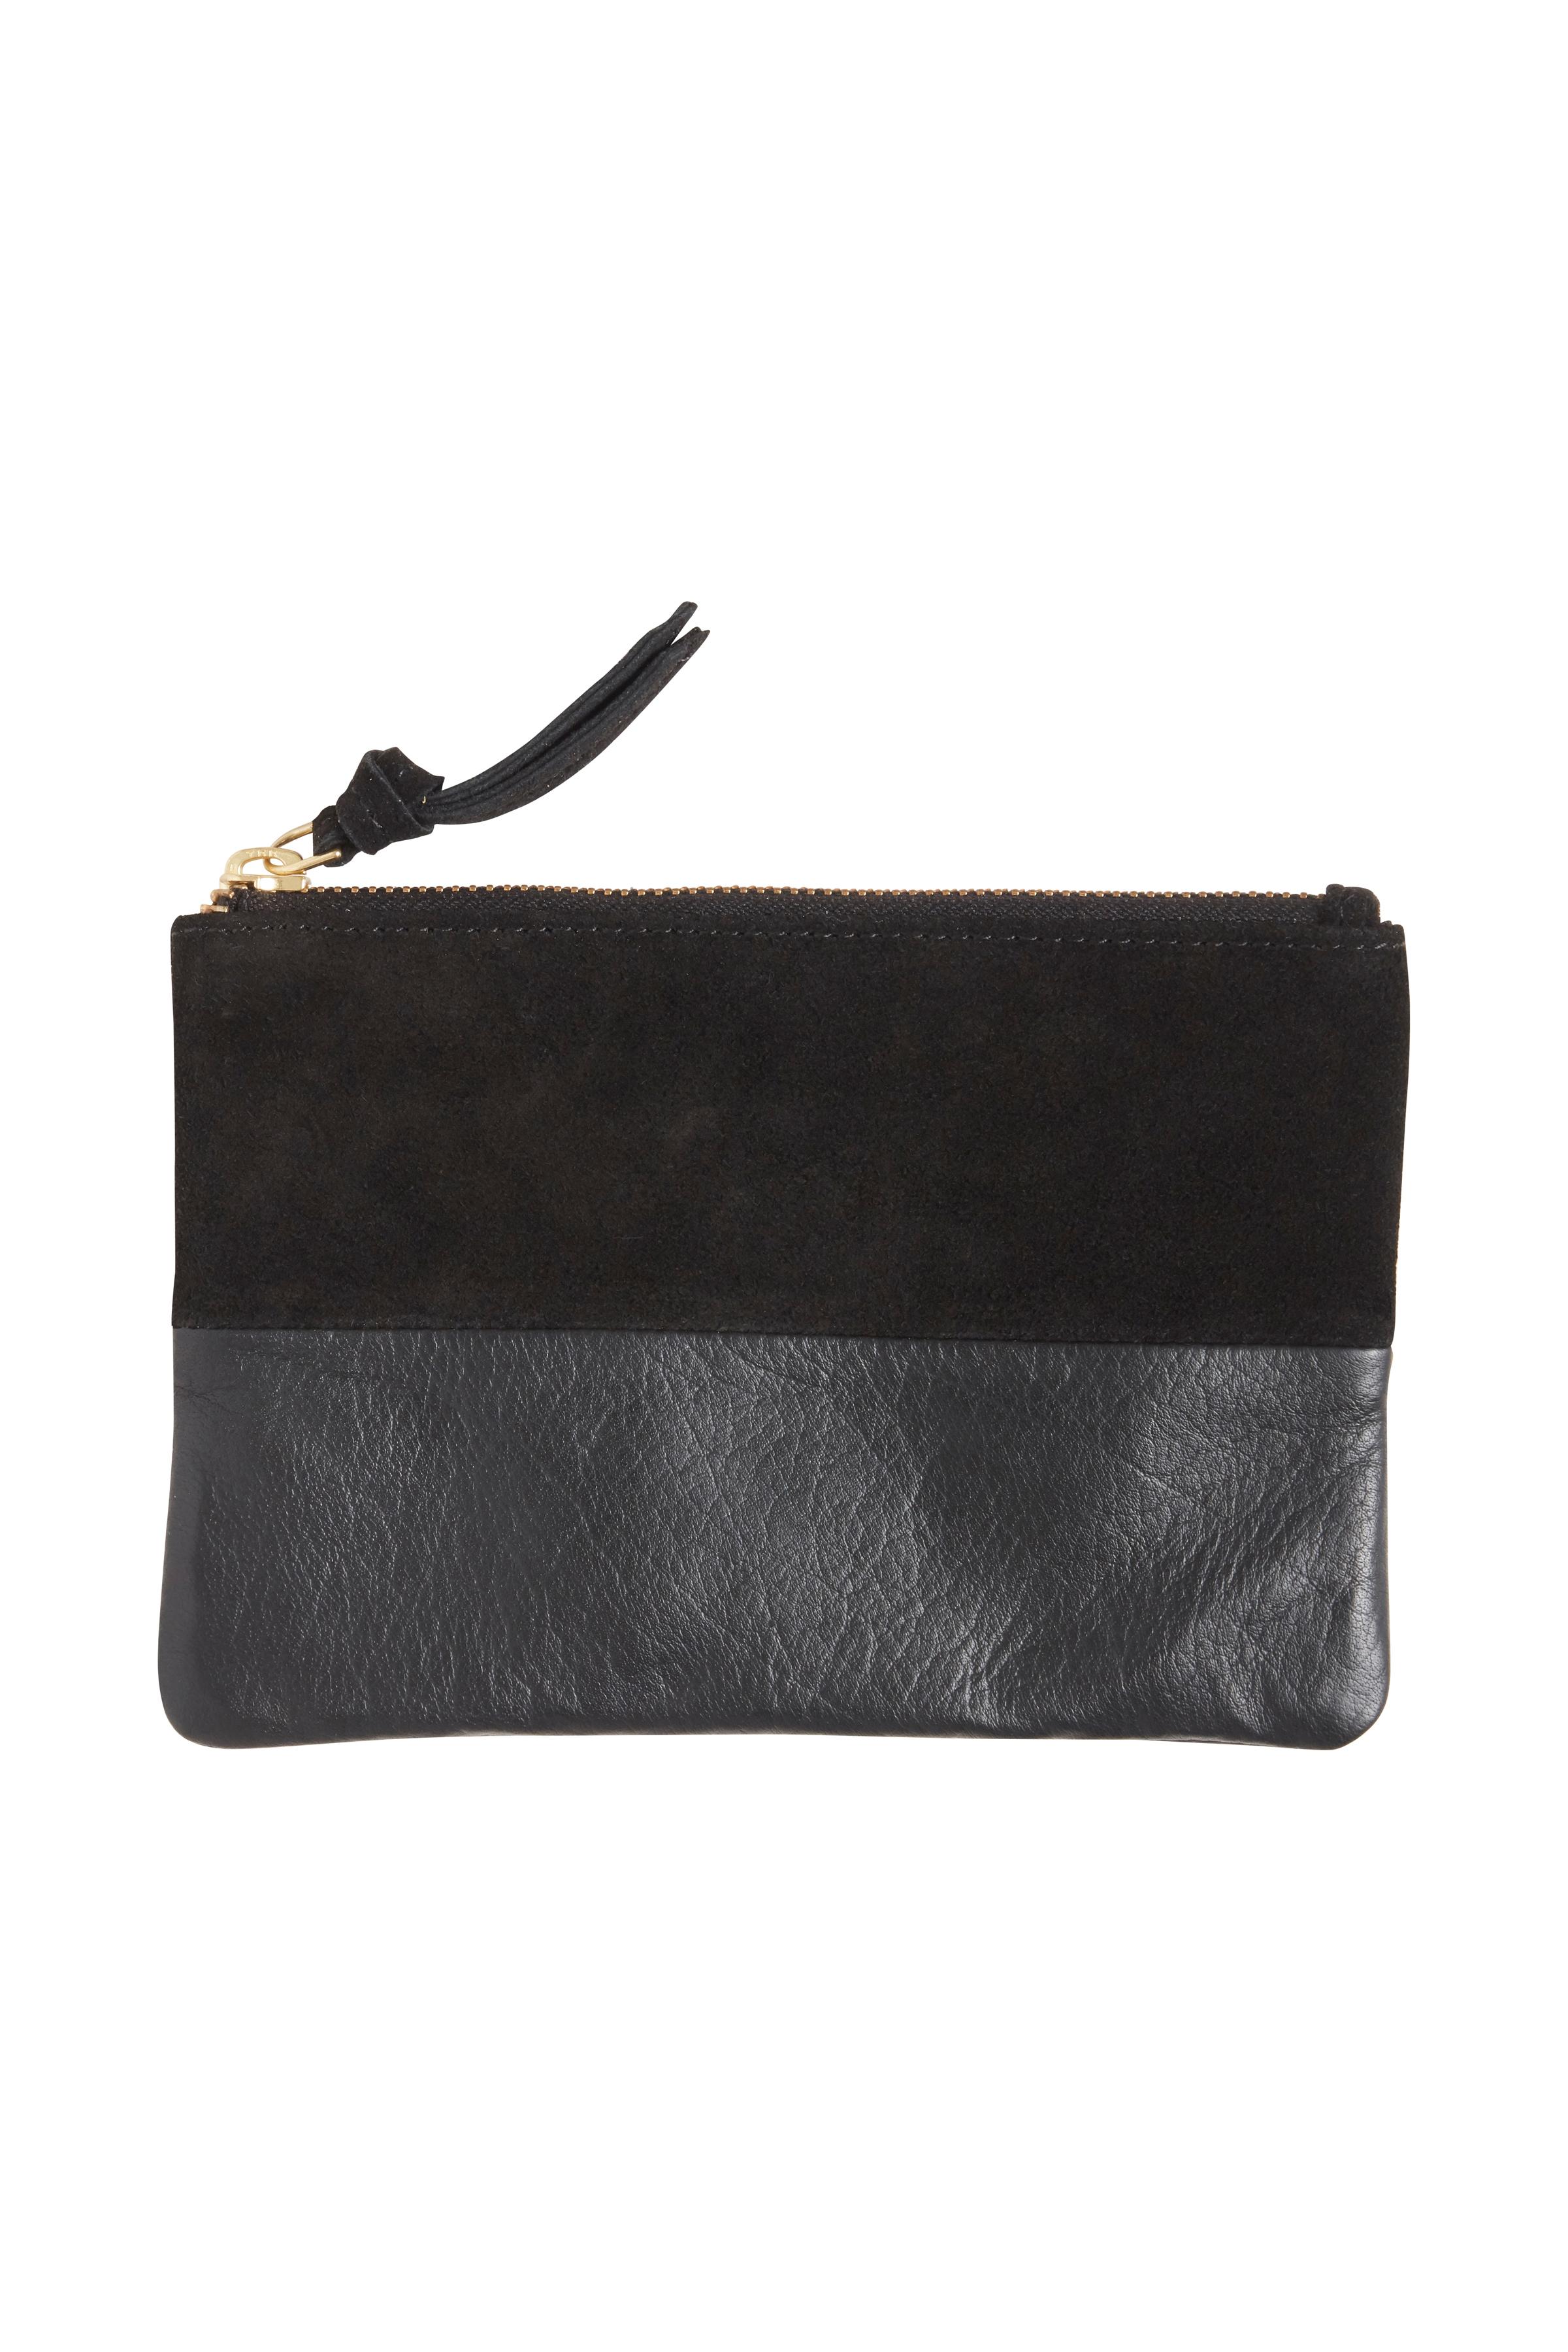 Sort Taske fra Ichi - accessories – Køb Sort Taske fra str. ONE her